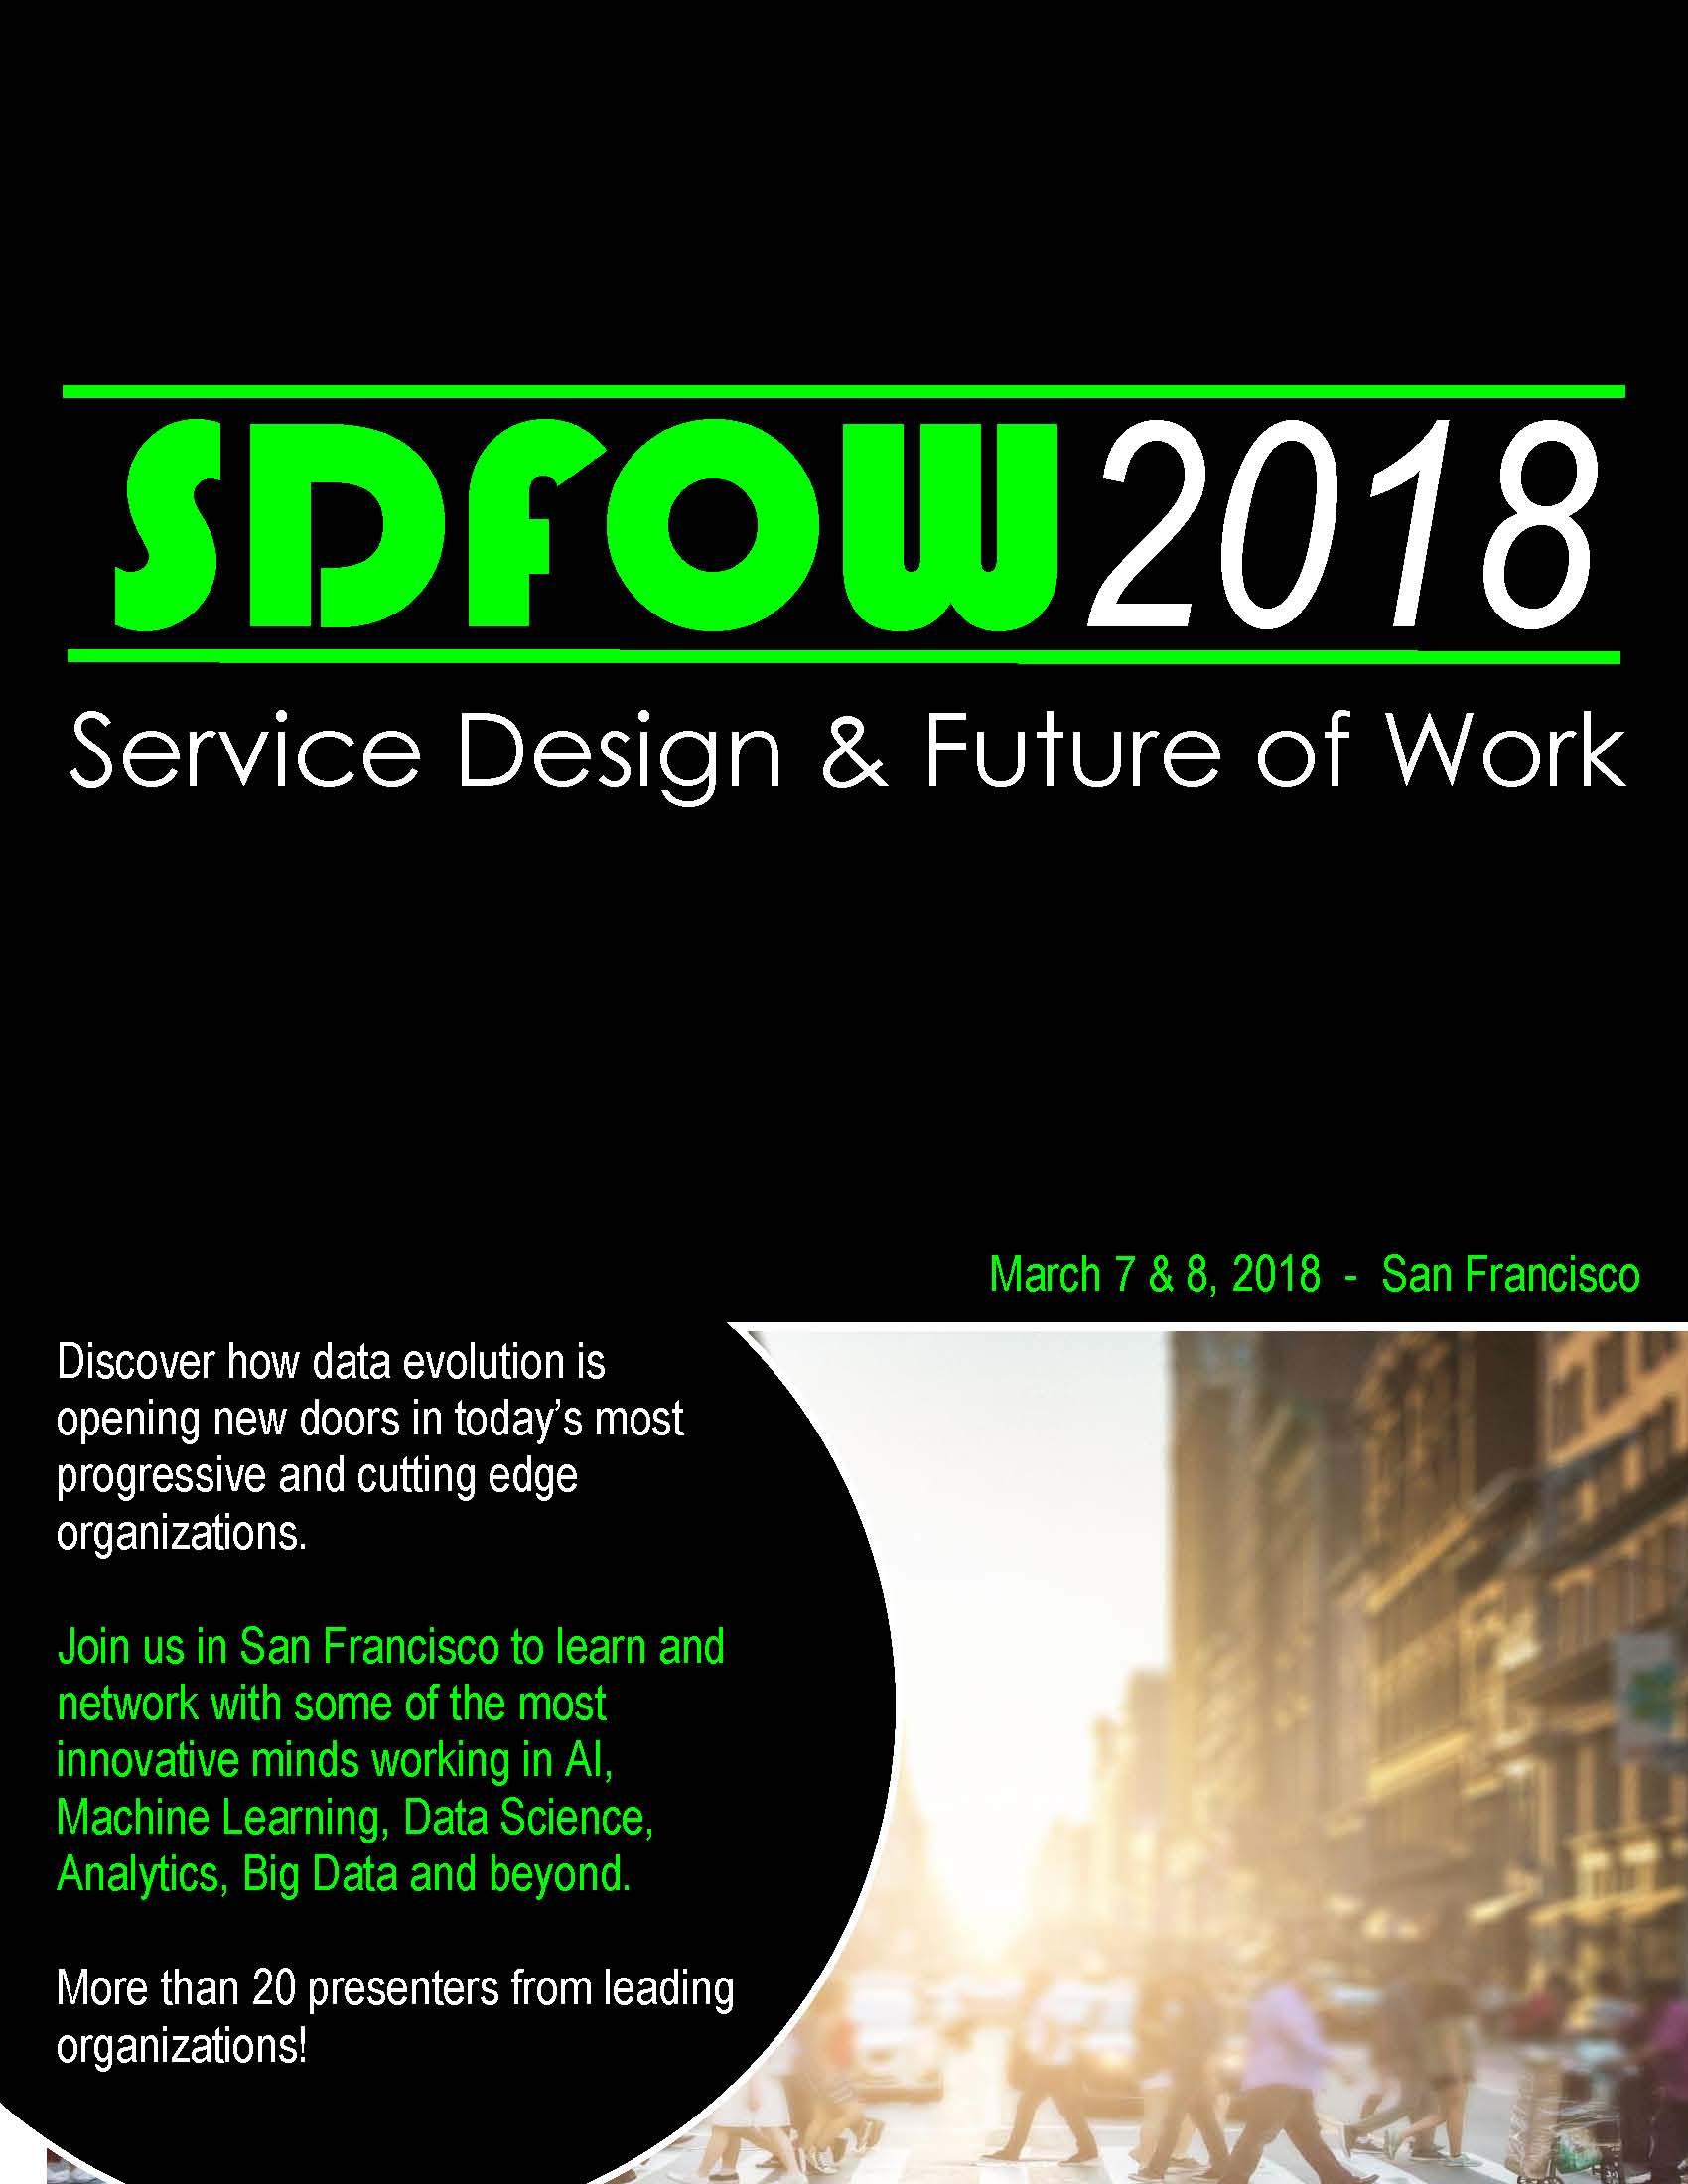 Download Event Brochure Here